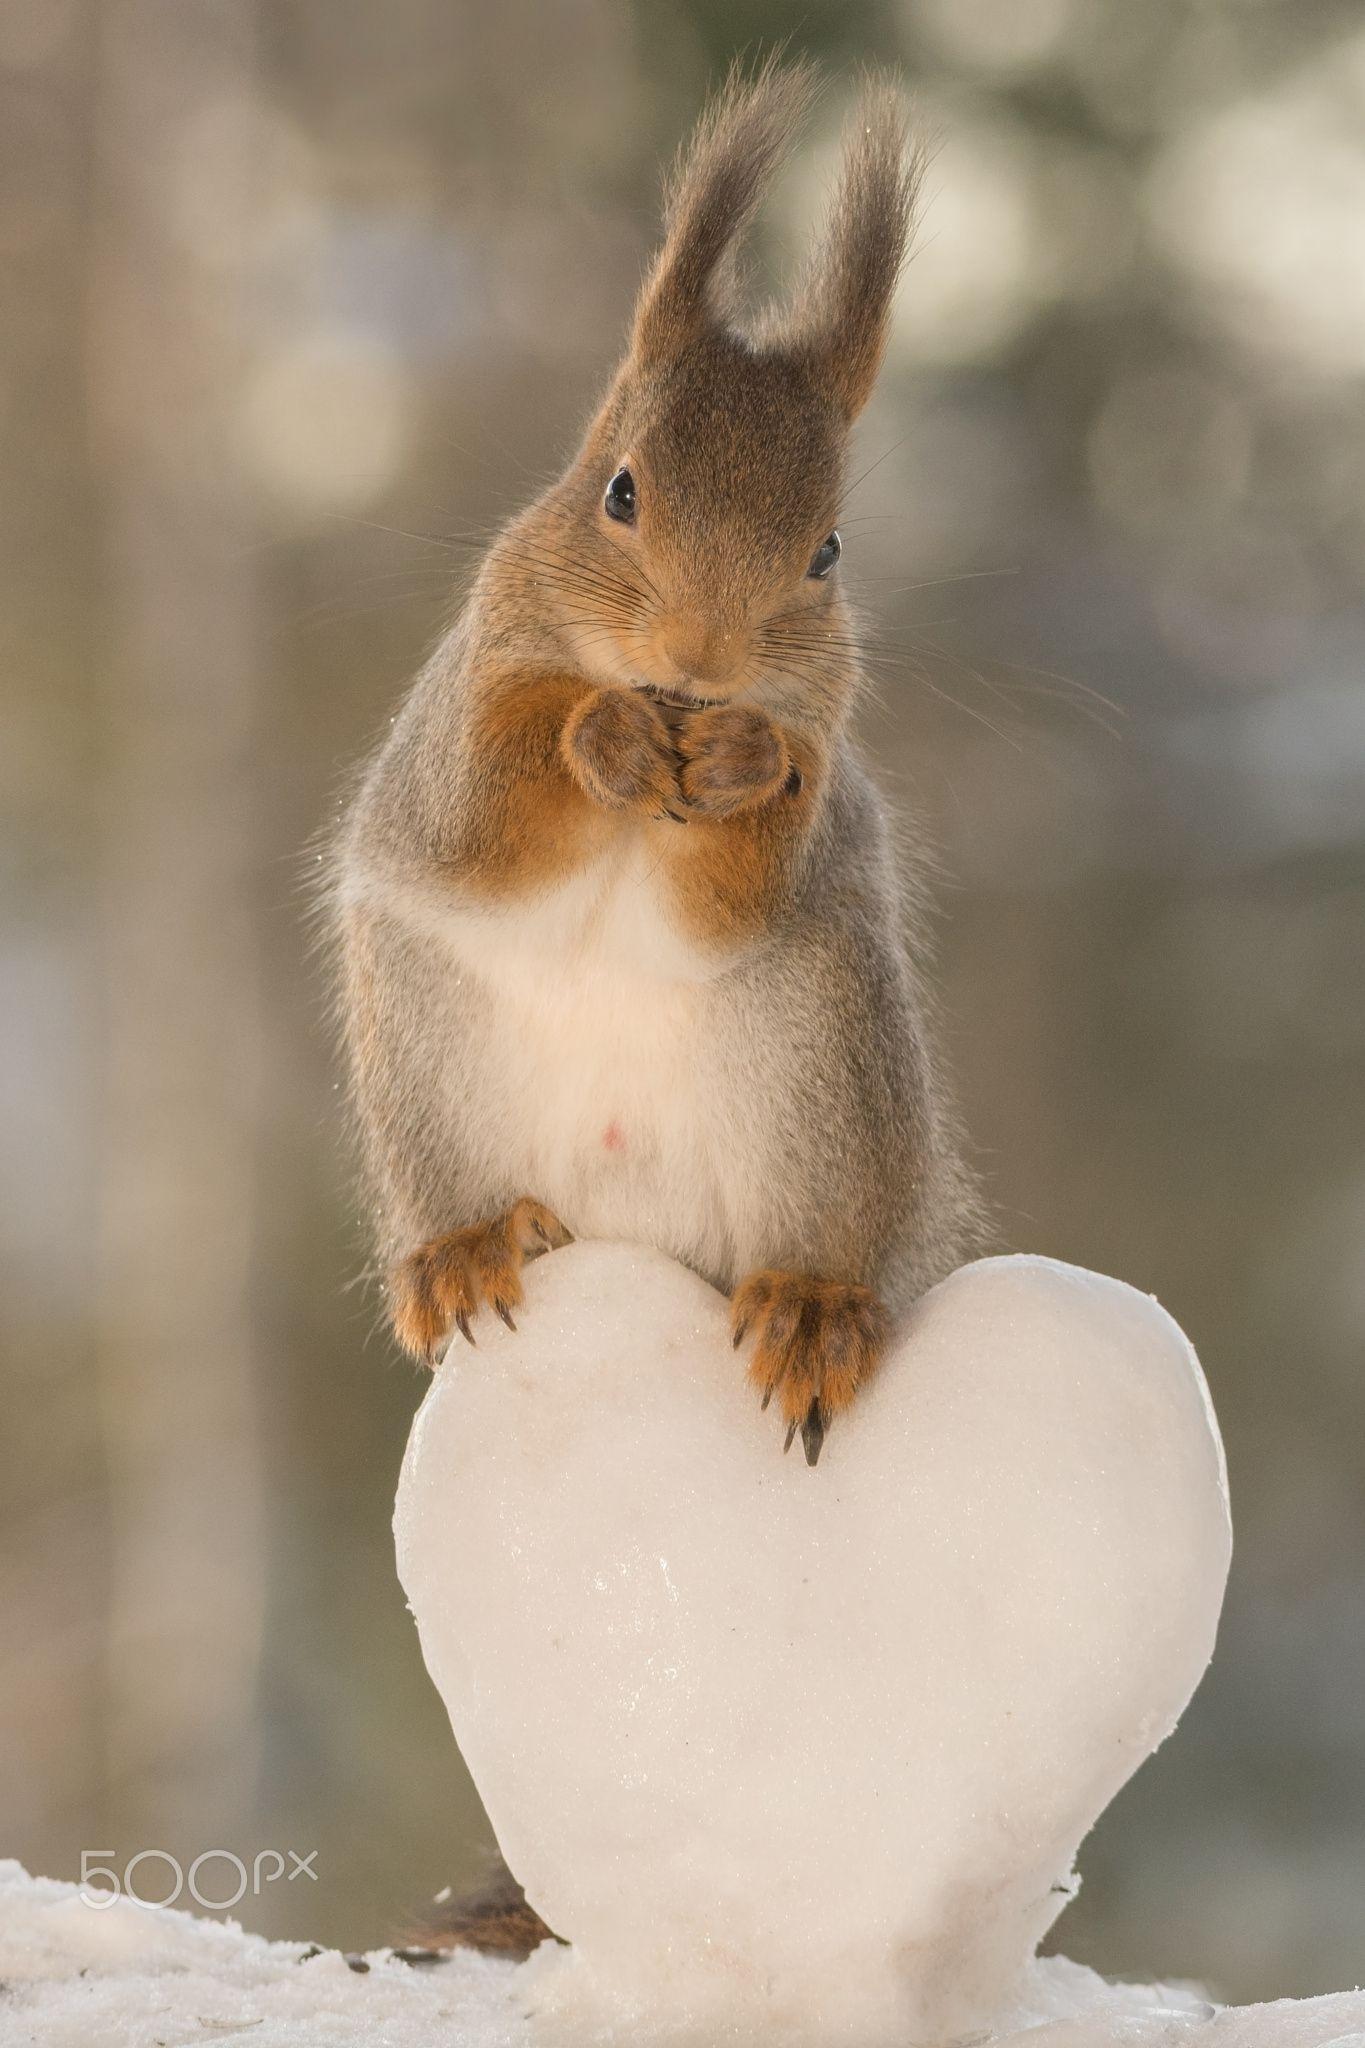 close up of red squirrel on a snow heart. Geert Weggen